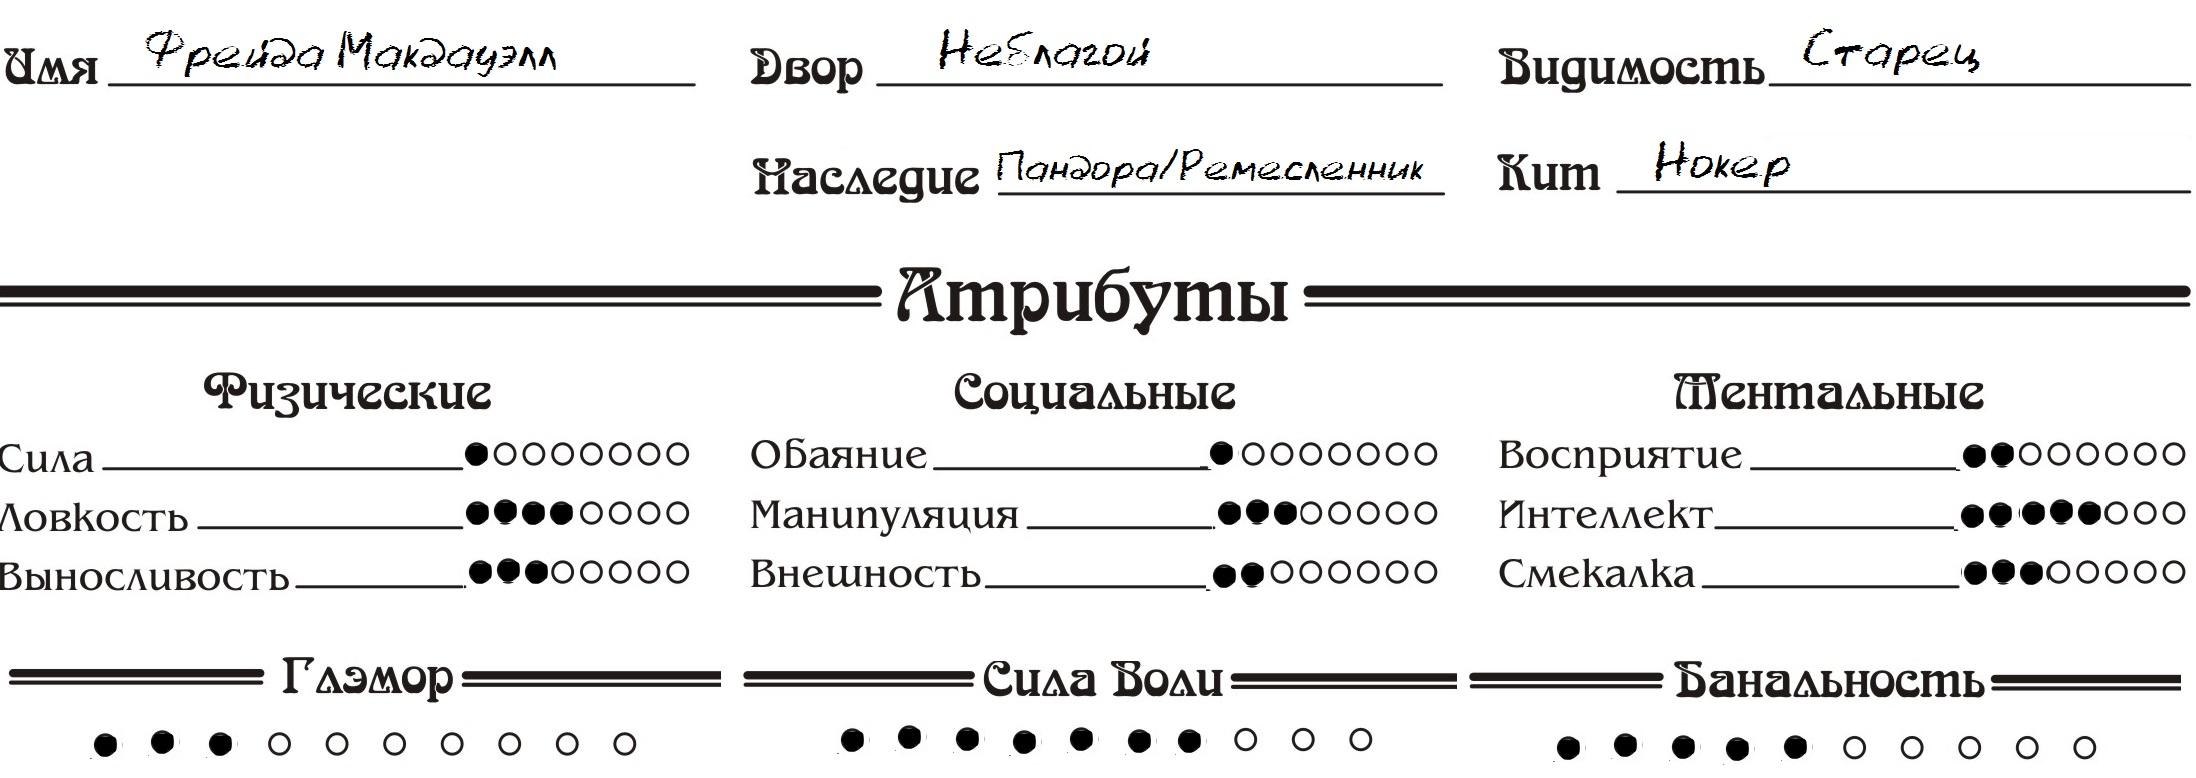 http://sh.uploads.ru/6C7Pz.jpg